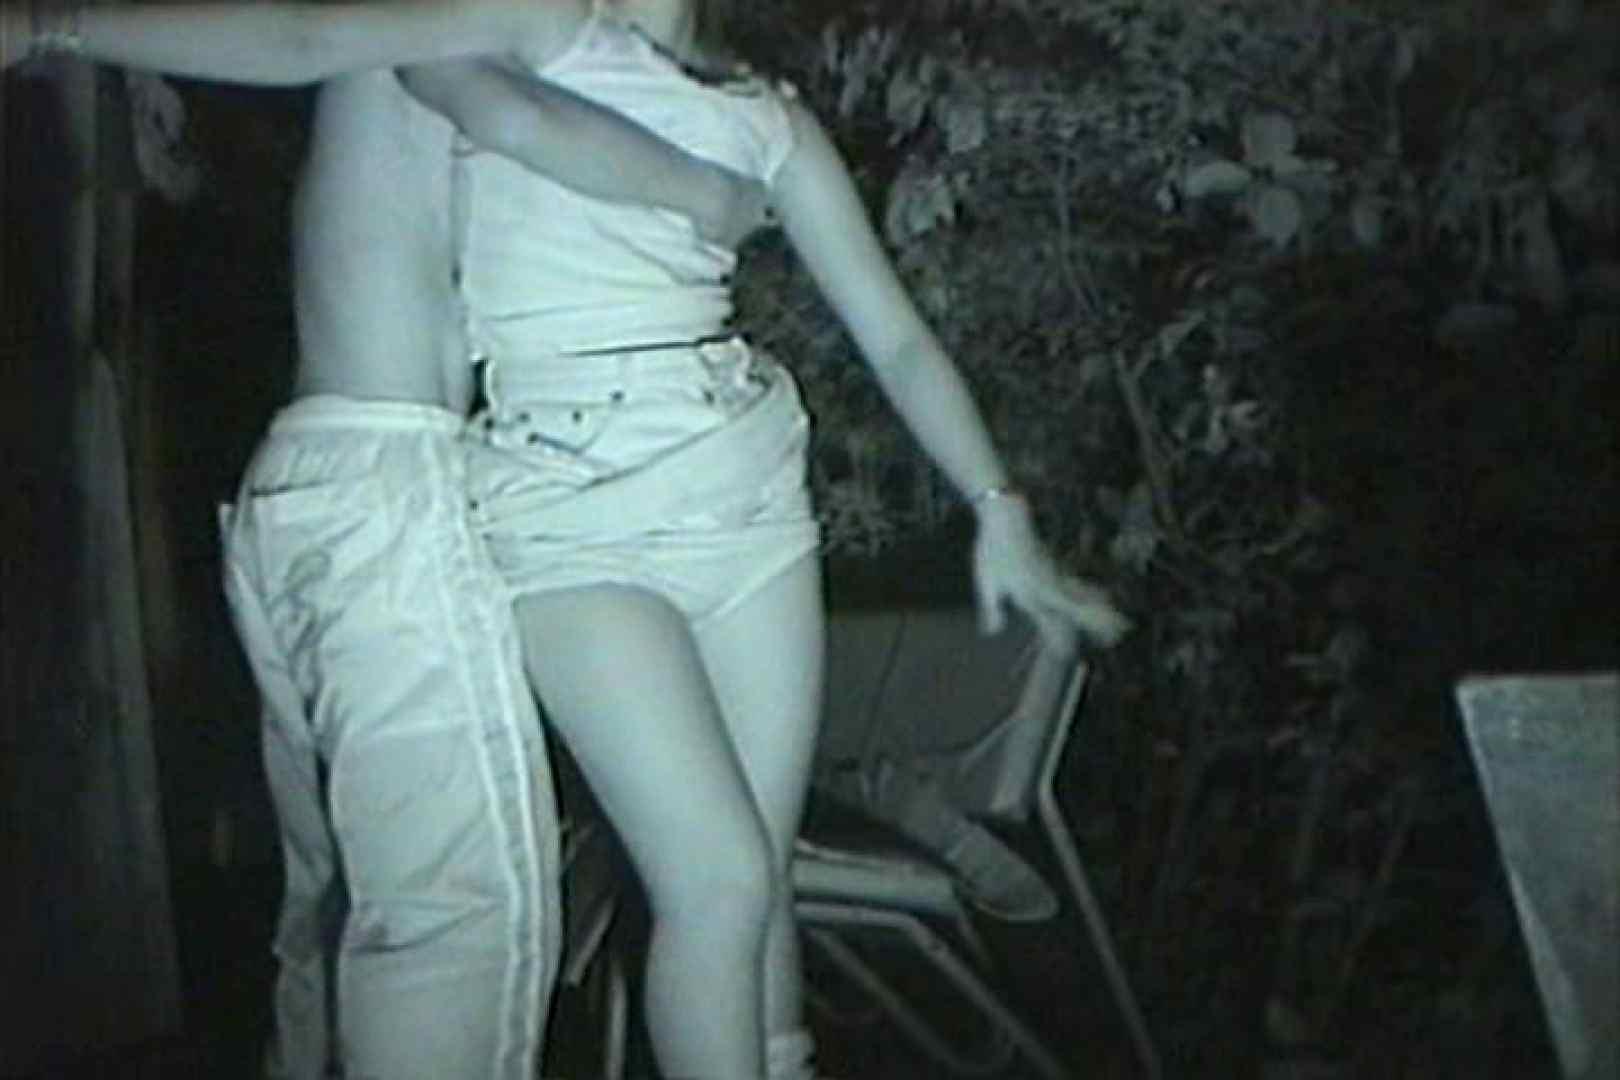 闇の仕掛け人 無修正版 Vol.25 美しいOLの裸体  102pic 6